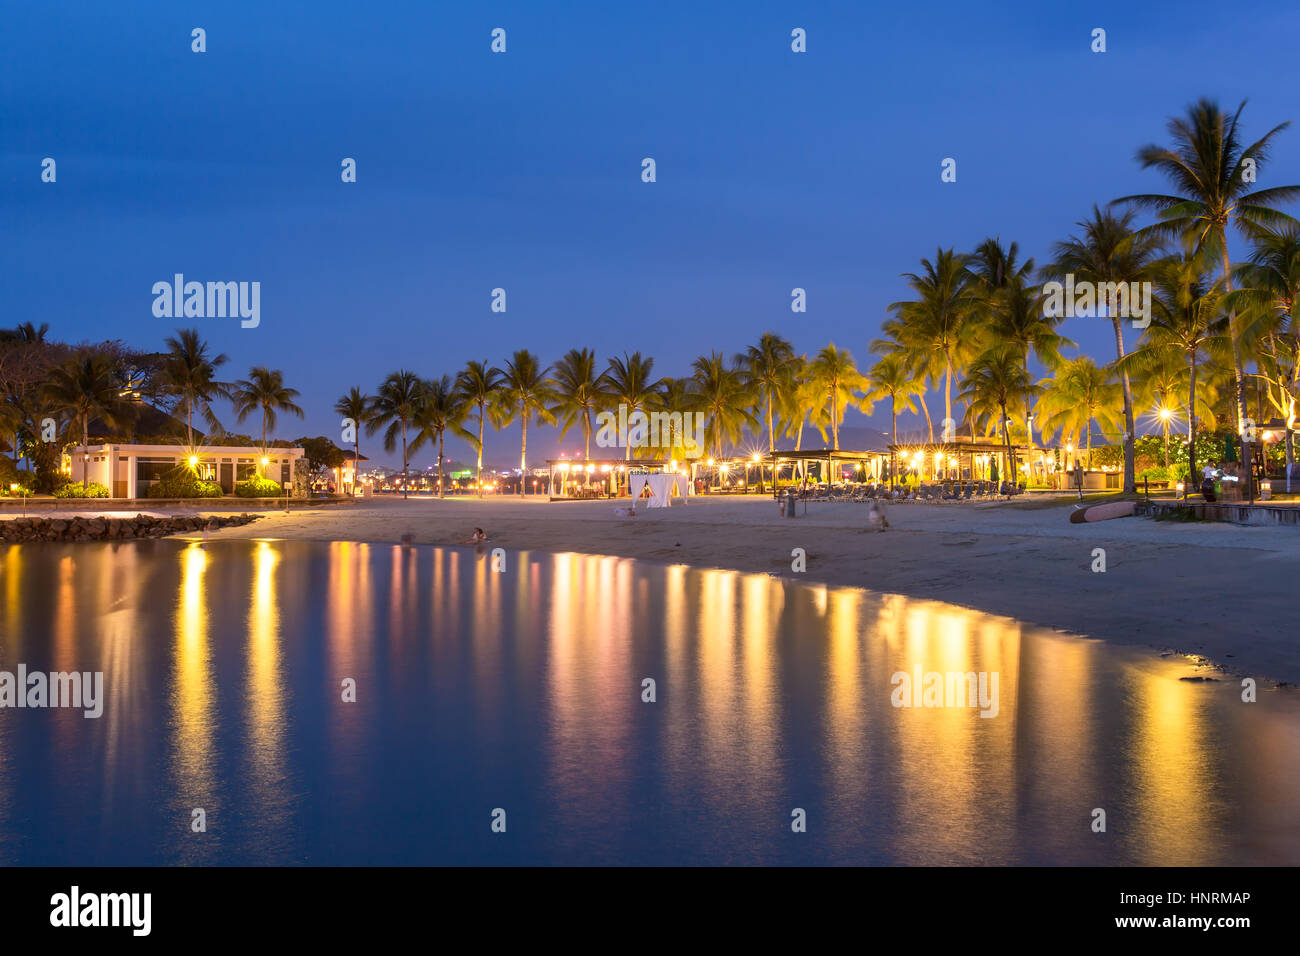 Luxury Tropical Beach Resort At Night In Kota Kinabalu